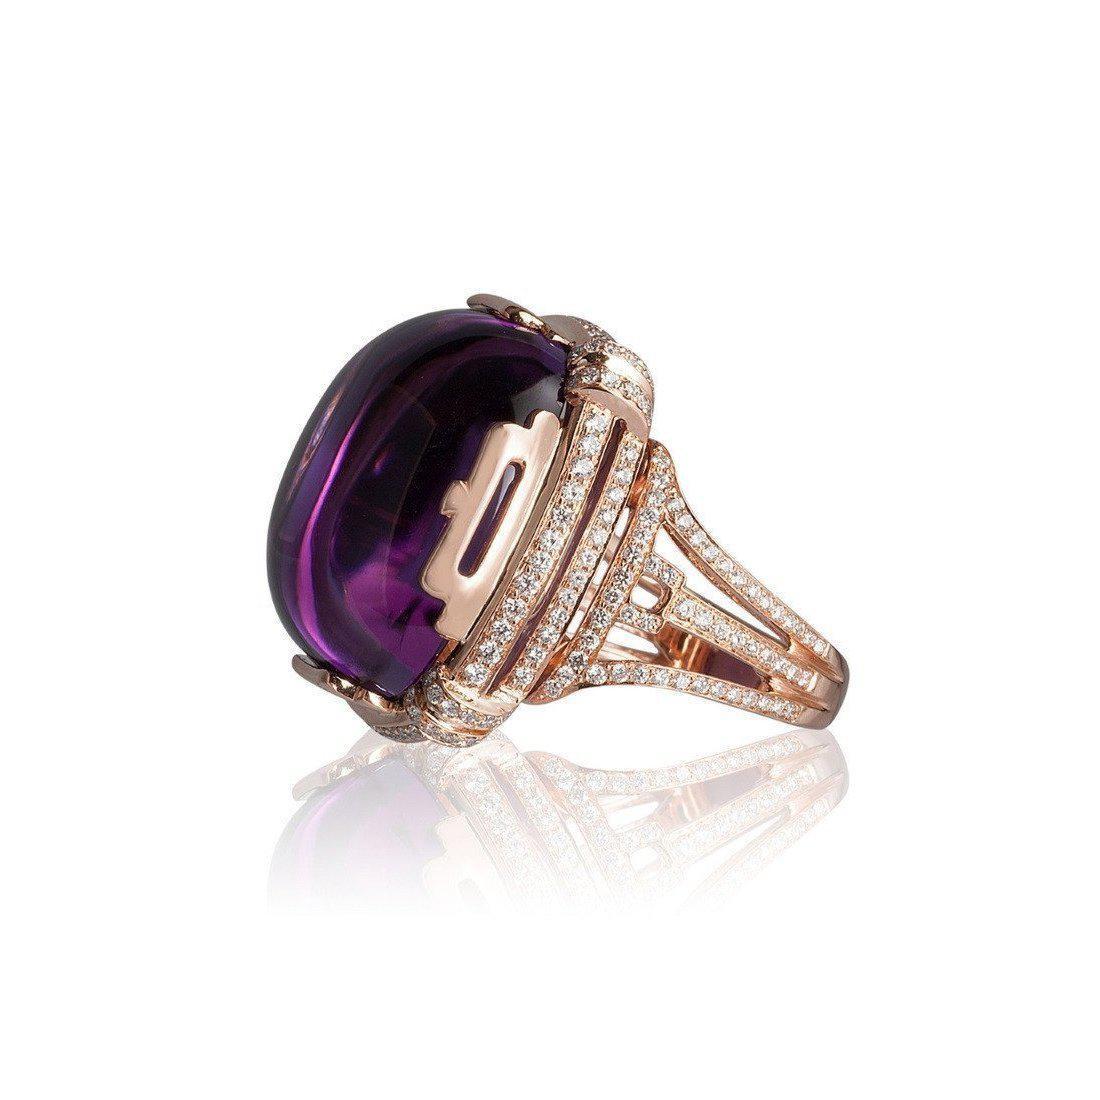 Goshwara Rock n Roll Amethyst Cabochon Rings - 6.5 (M) Ya4oG